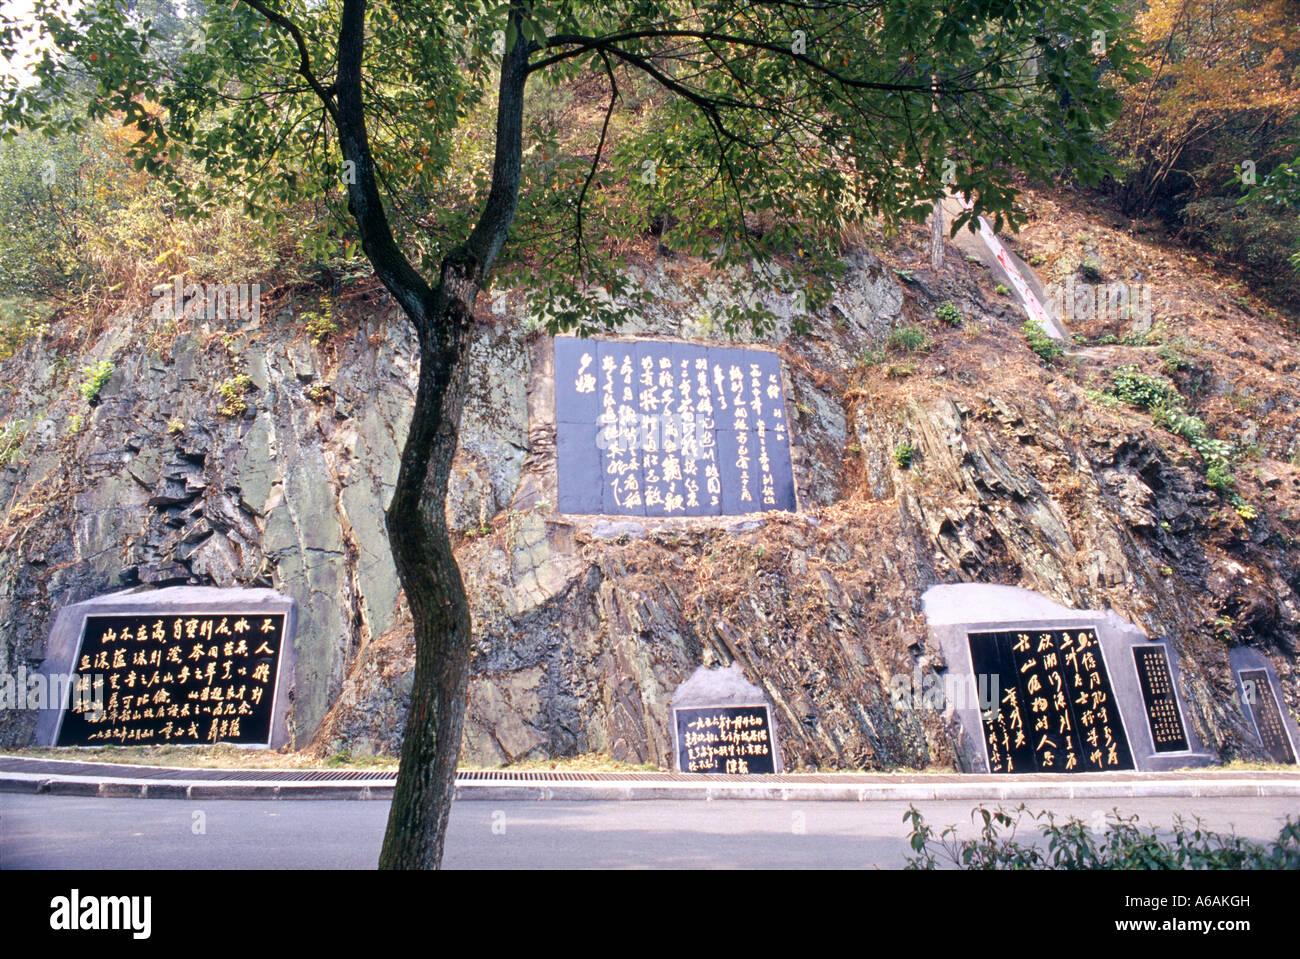 La Chine, Hunan, Shao Shan, tablettes de pierre gravée avec les poèmes de Mao Zedong fixé dans la base des falaises Banque D'Images